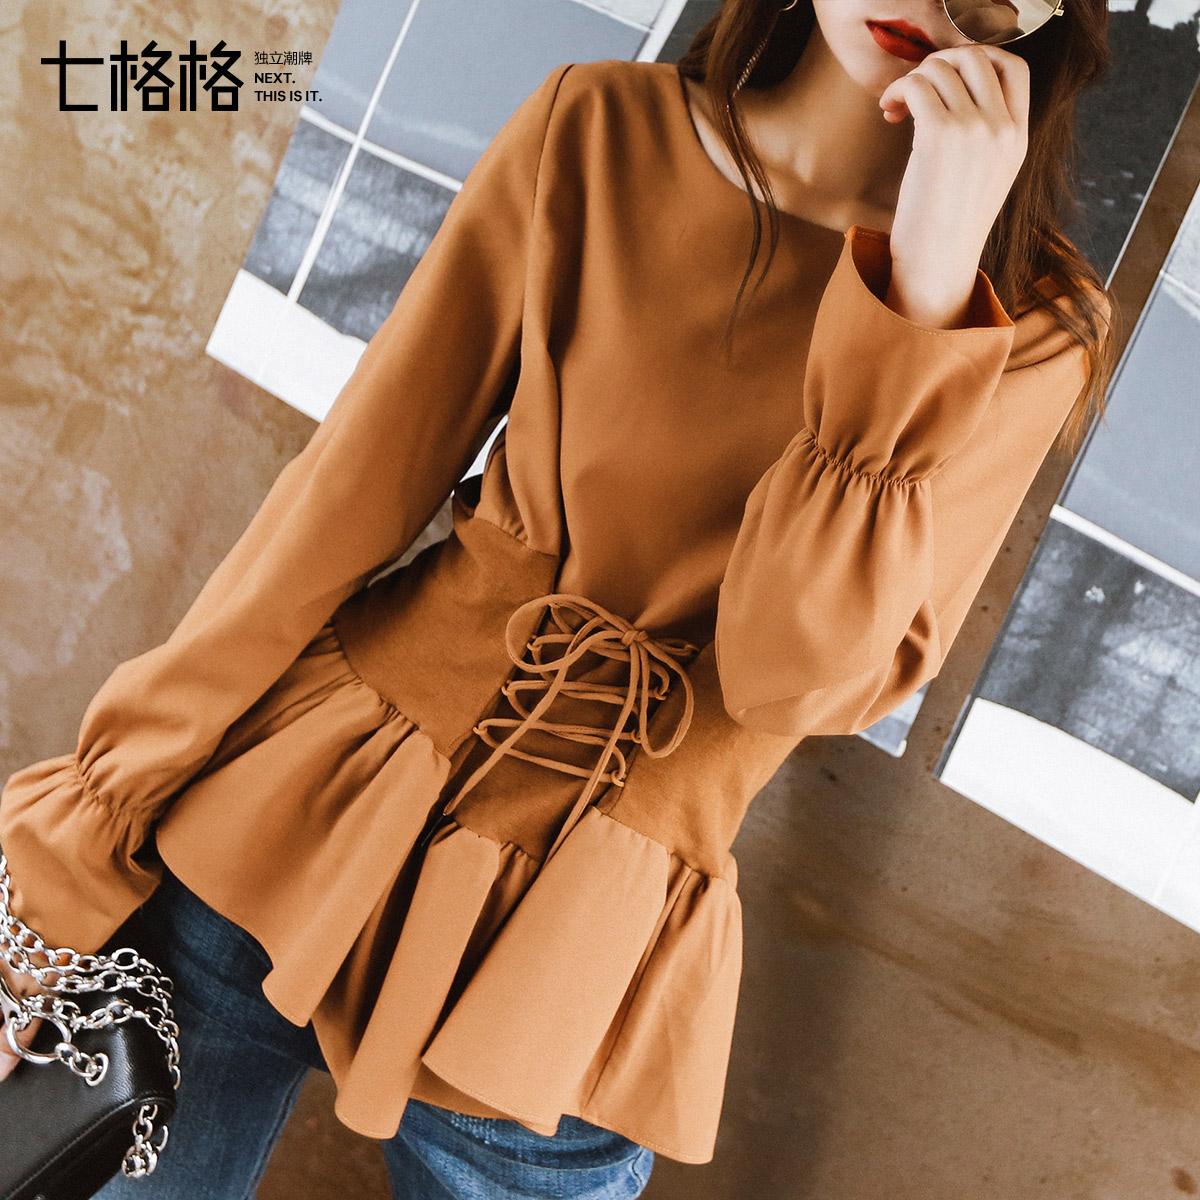 雪纺衬衫上衣长袖喇叭袖女装2018新款秋季潮韩版裙摆收腰时尚小衫商品